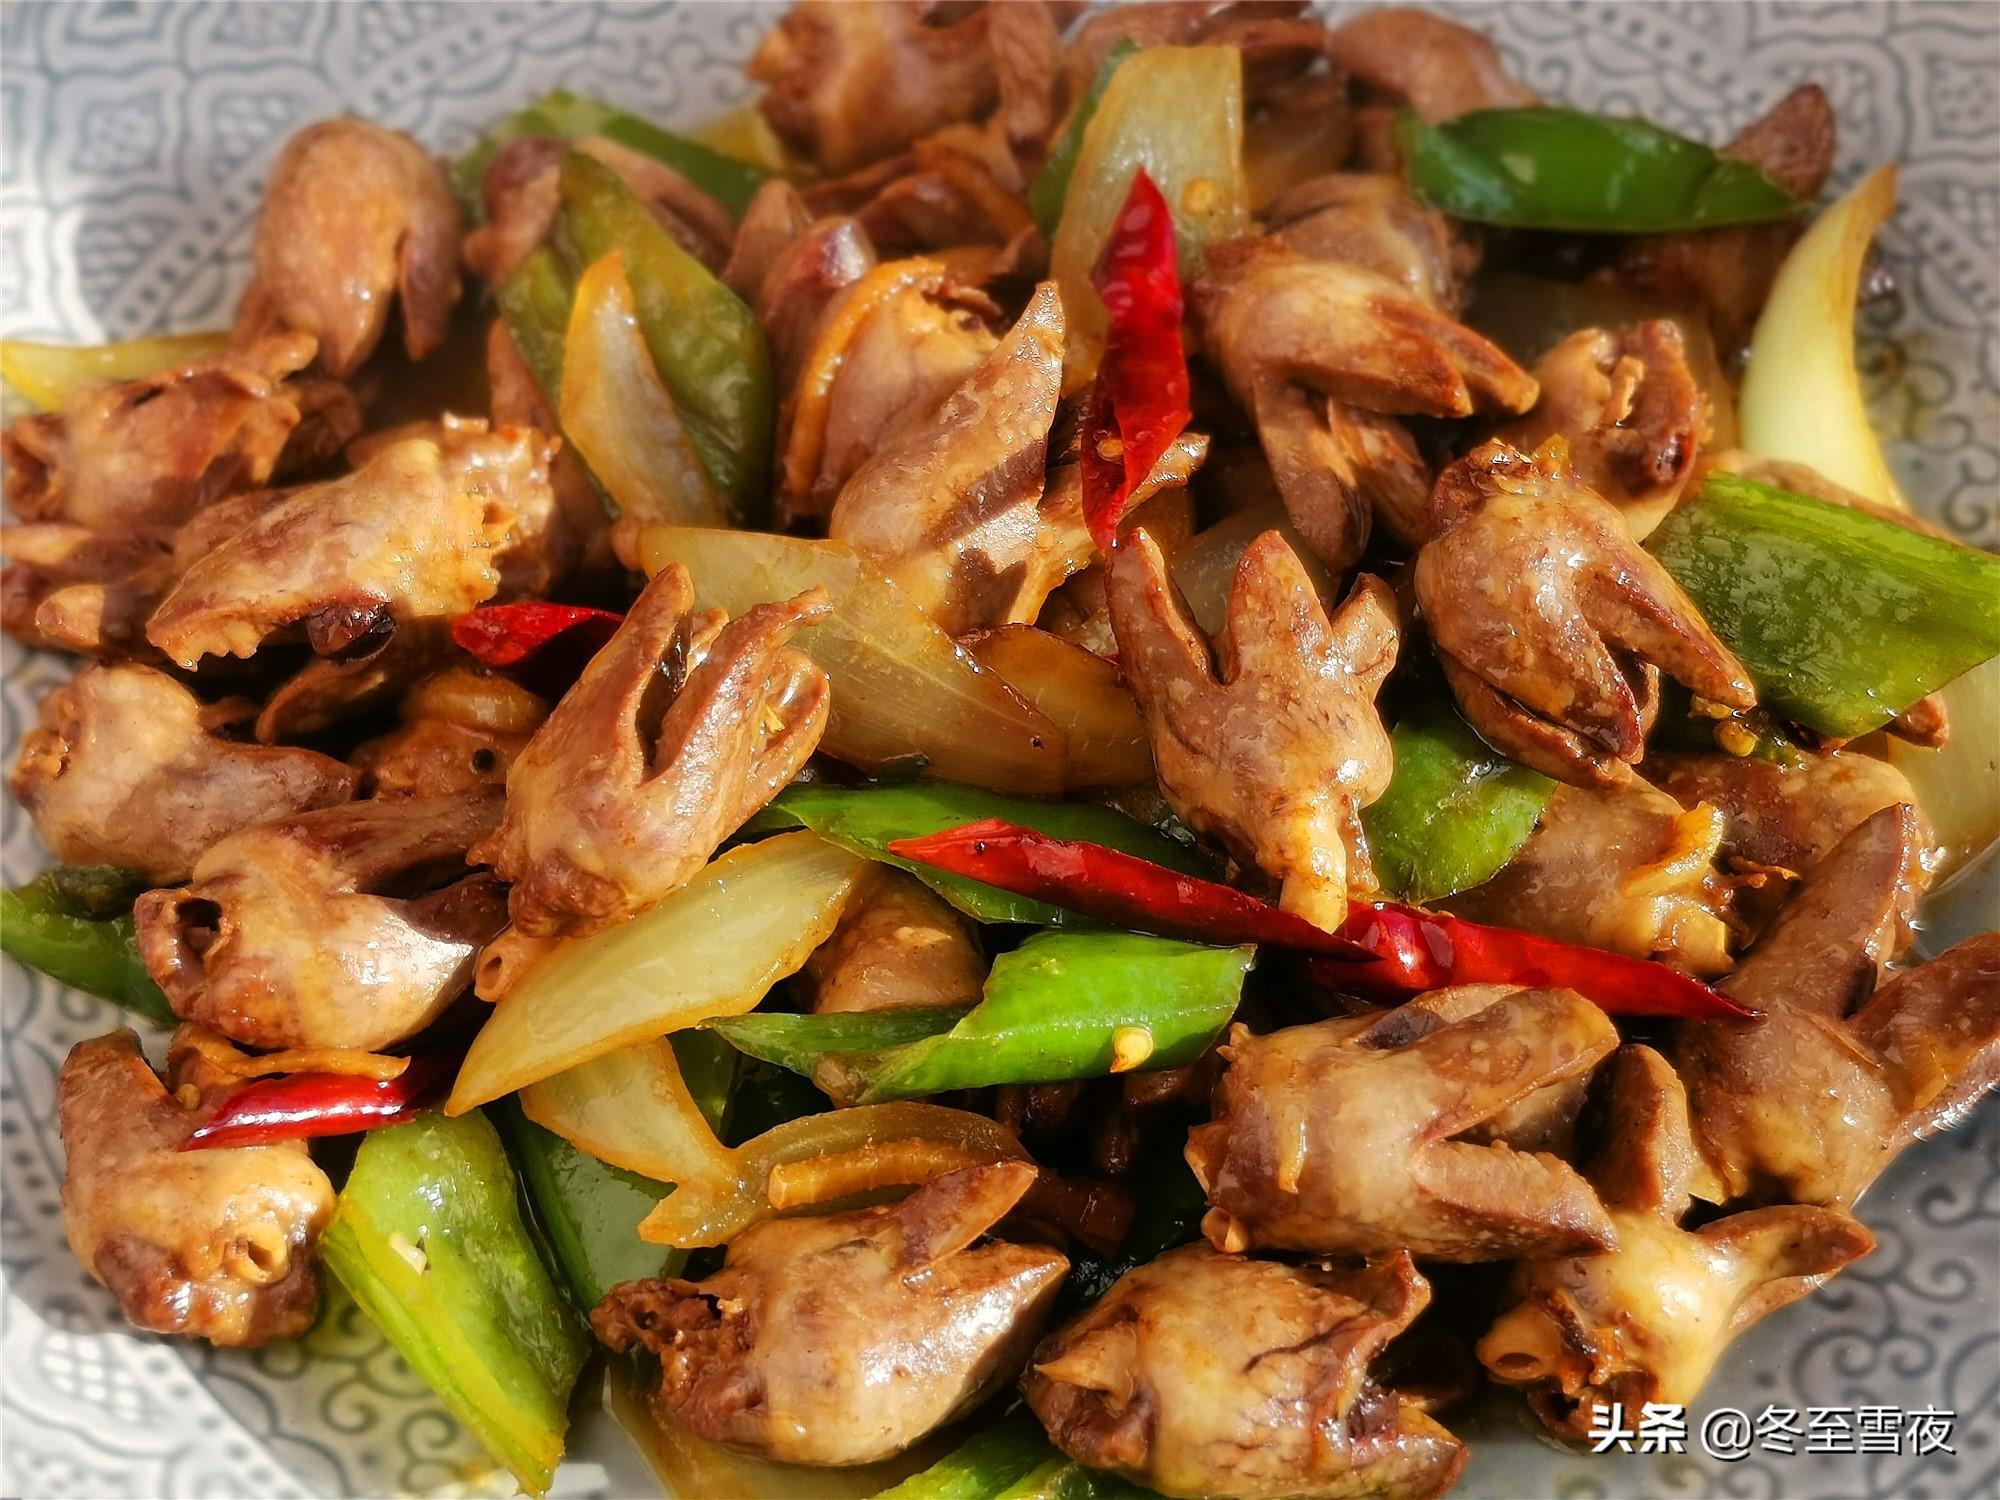 鸡心怎样做好吃?教你这道家常做法,不腥没异味,下酒下饭好菜 美食做法 第1张